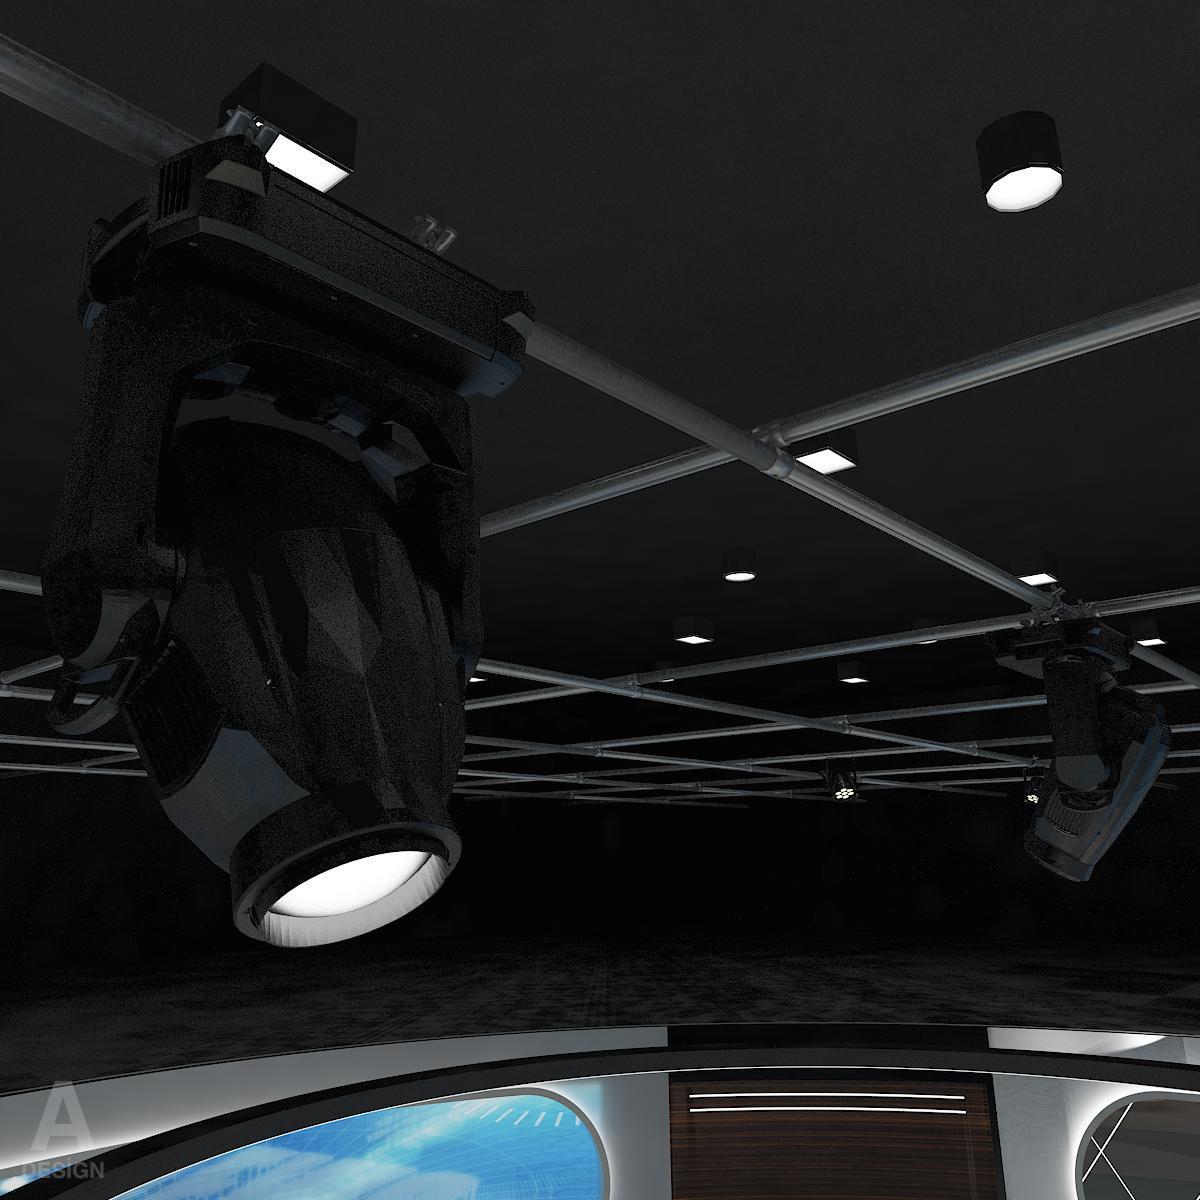 виртуал өргөн нэвтрүүлгийн телевизийн мэдээллийн студи 028 3d загвар max dxf fbx бүтэцтэй obj 215577